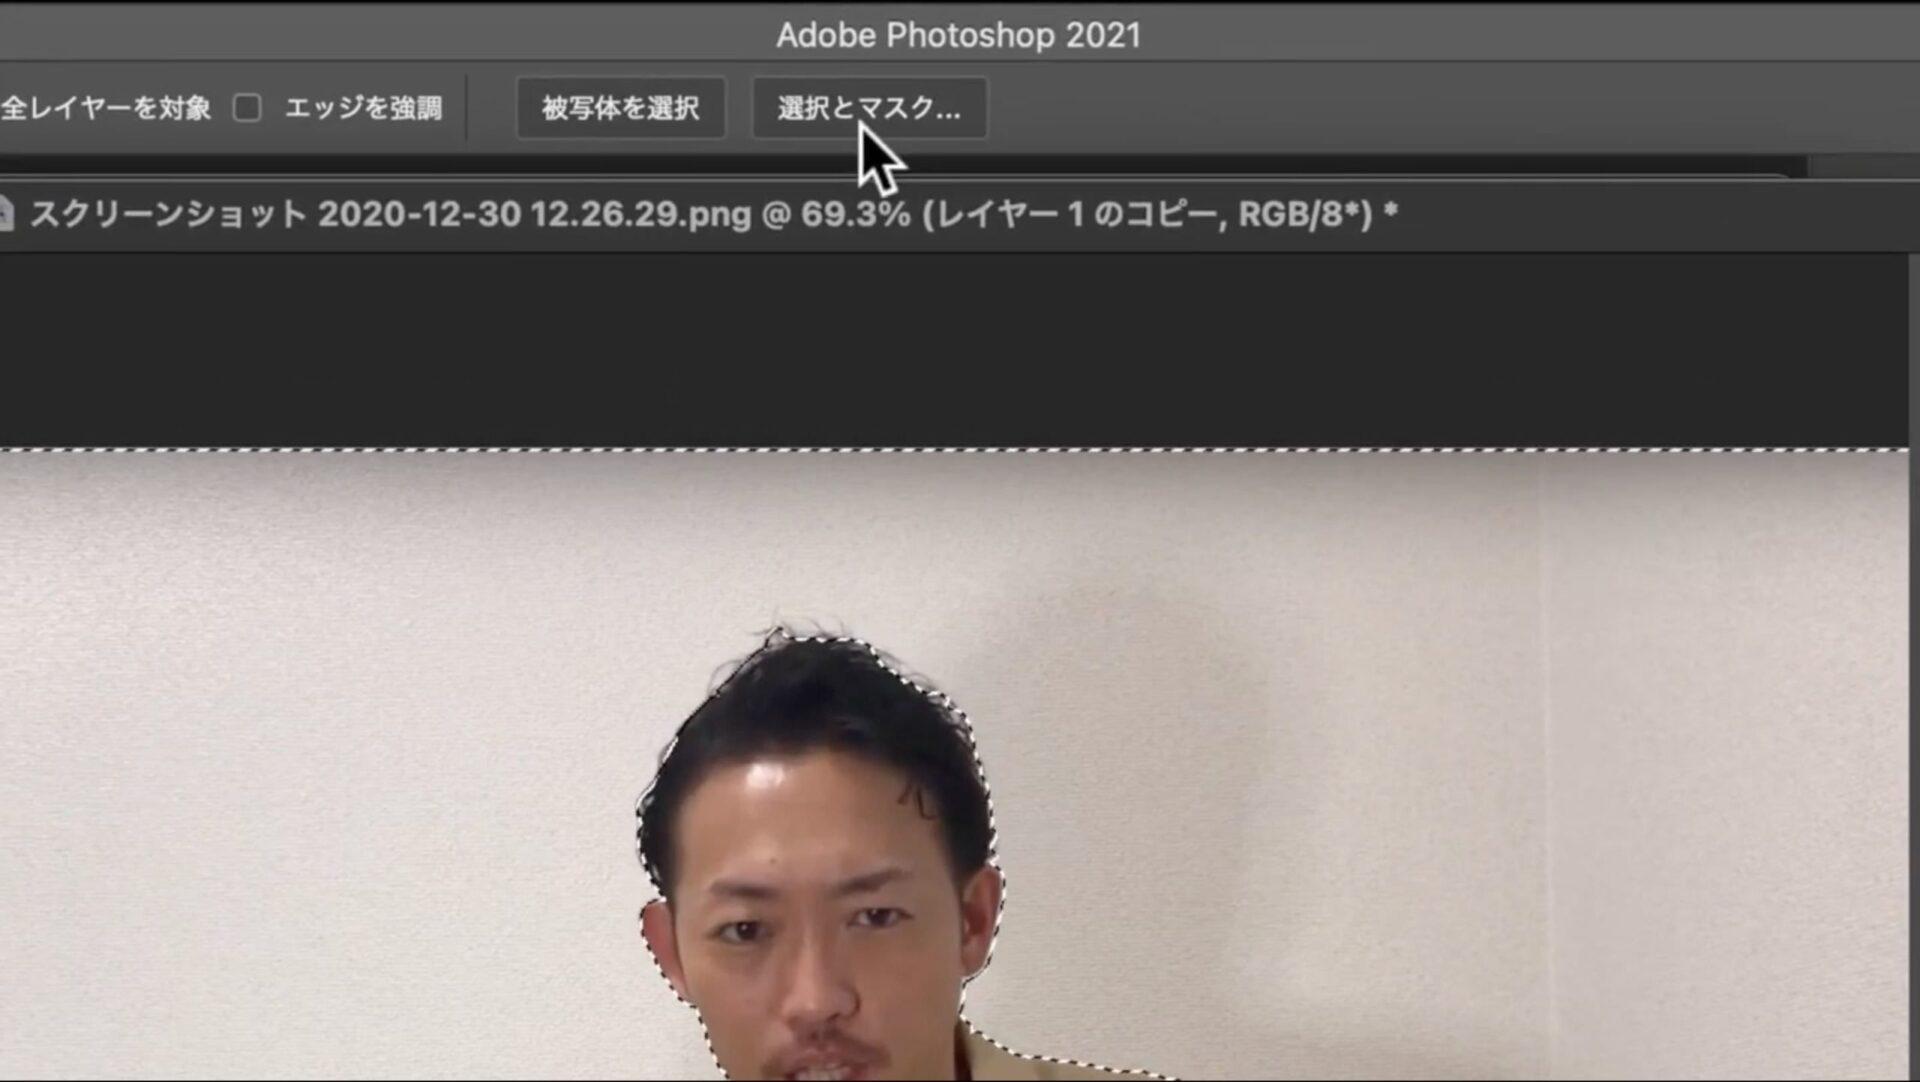 画像を切り抜く方法 パート1 〜選択ツールの使い方〜